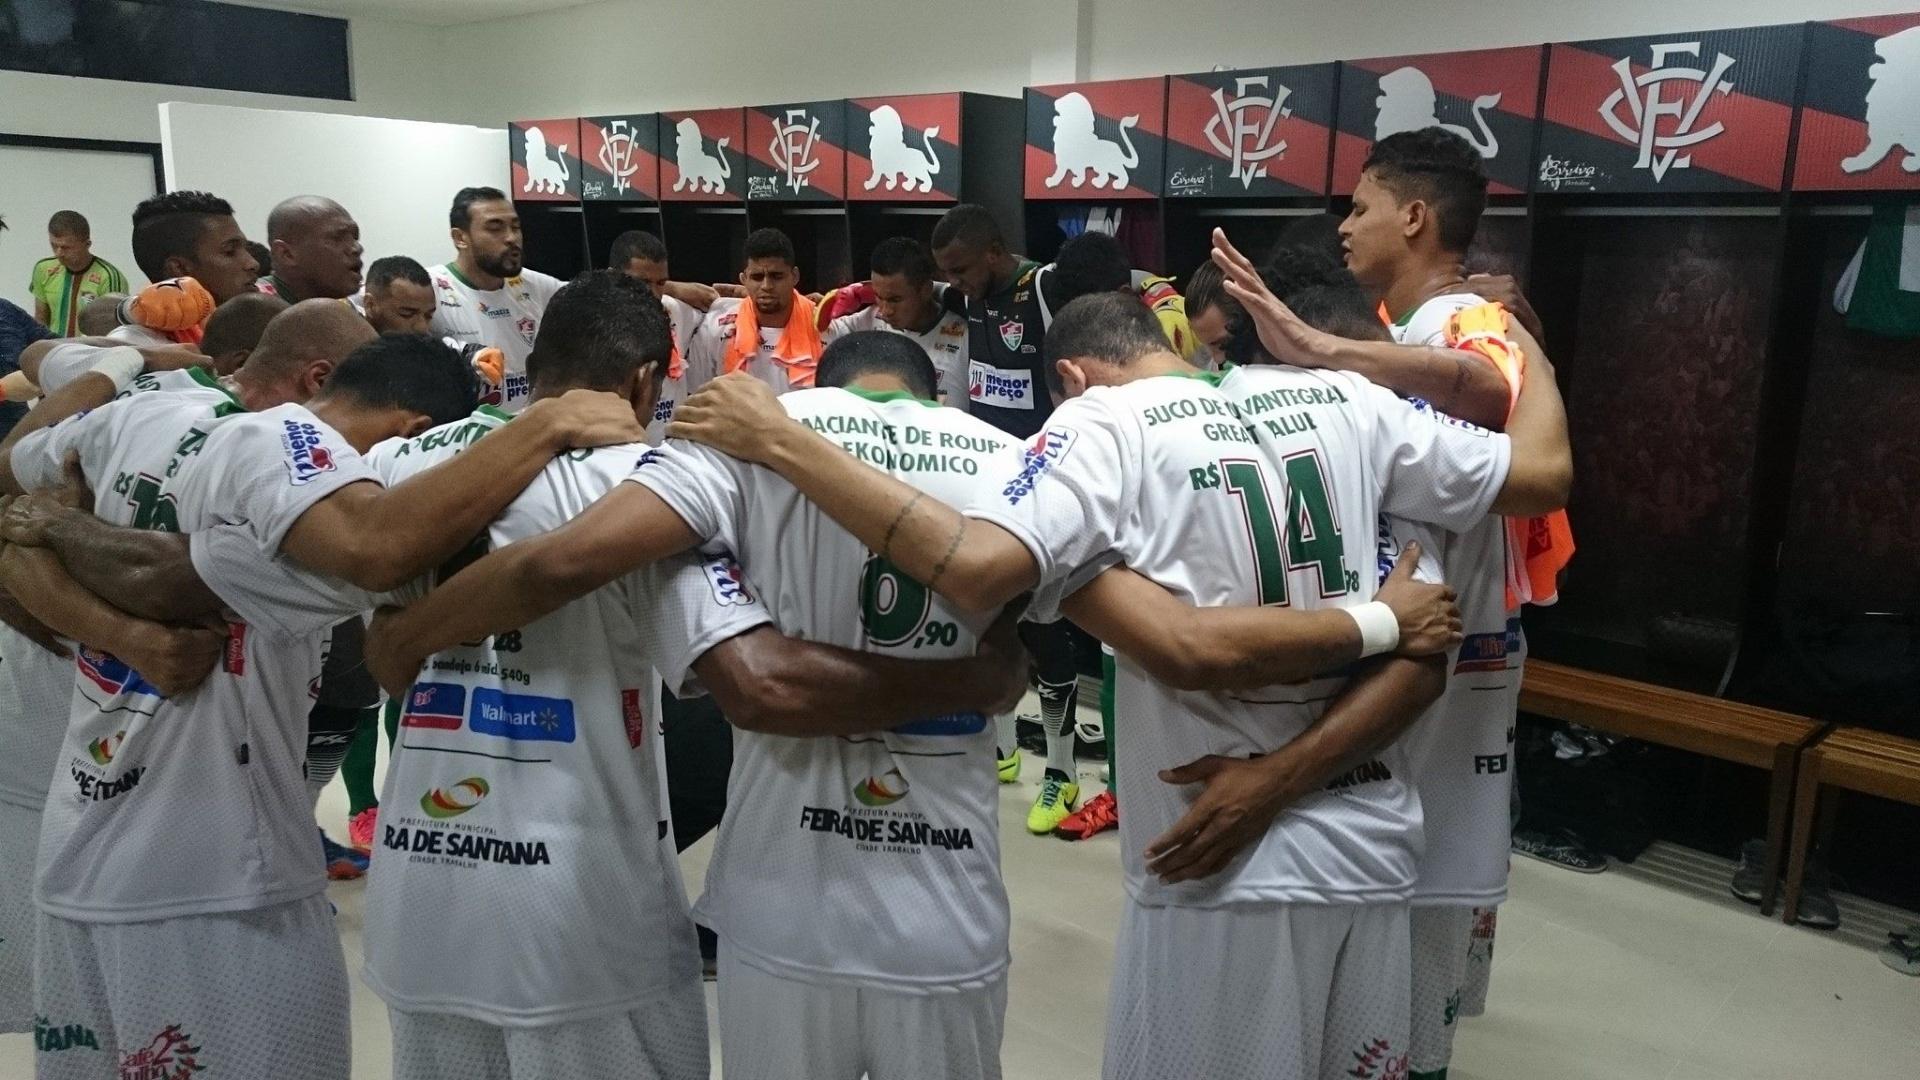 O gerente ficou louco  Supermercado anuncia preços na camisa de clube  baiano - Esporte - BOL 7d77827b1f1f2